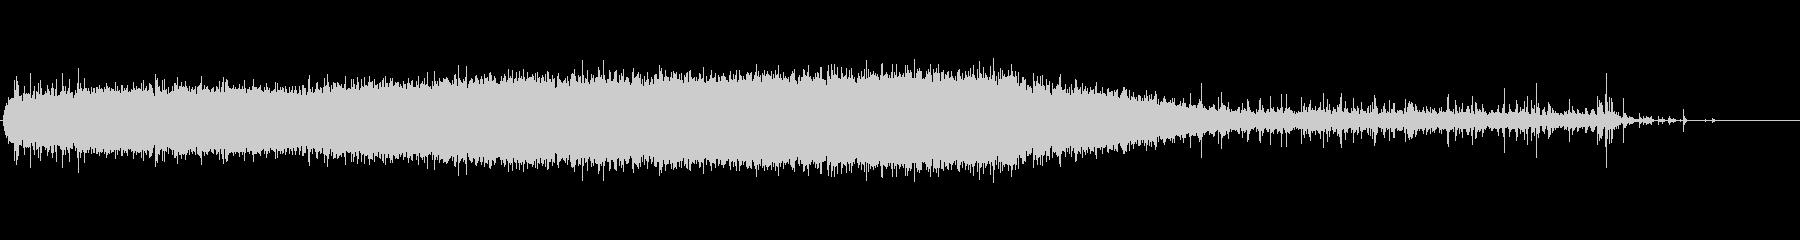 シャワーランニング5;スローランニ...の未再生の波形